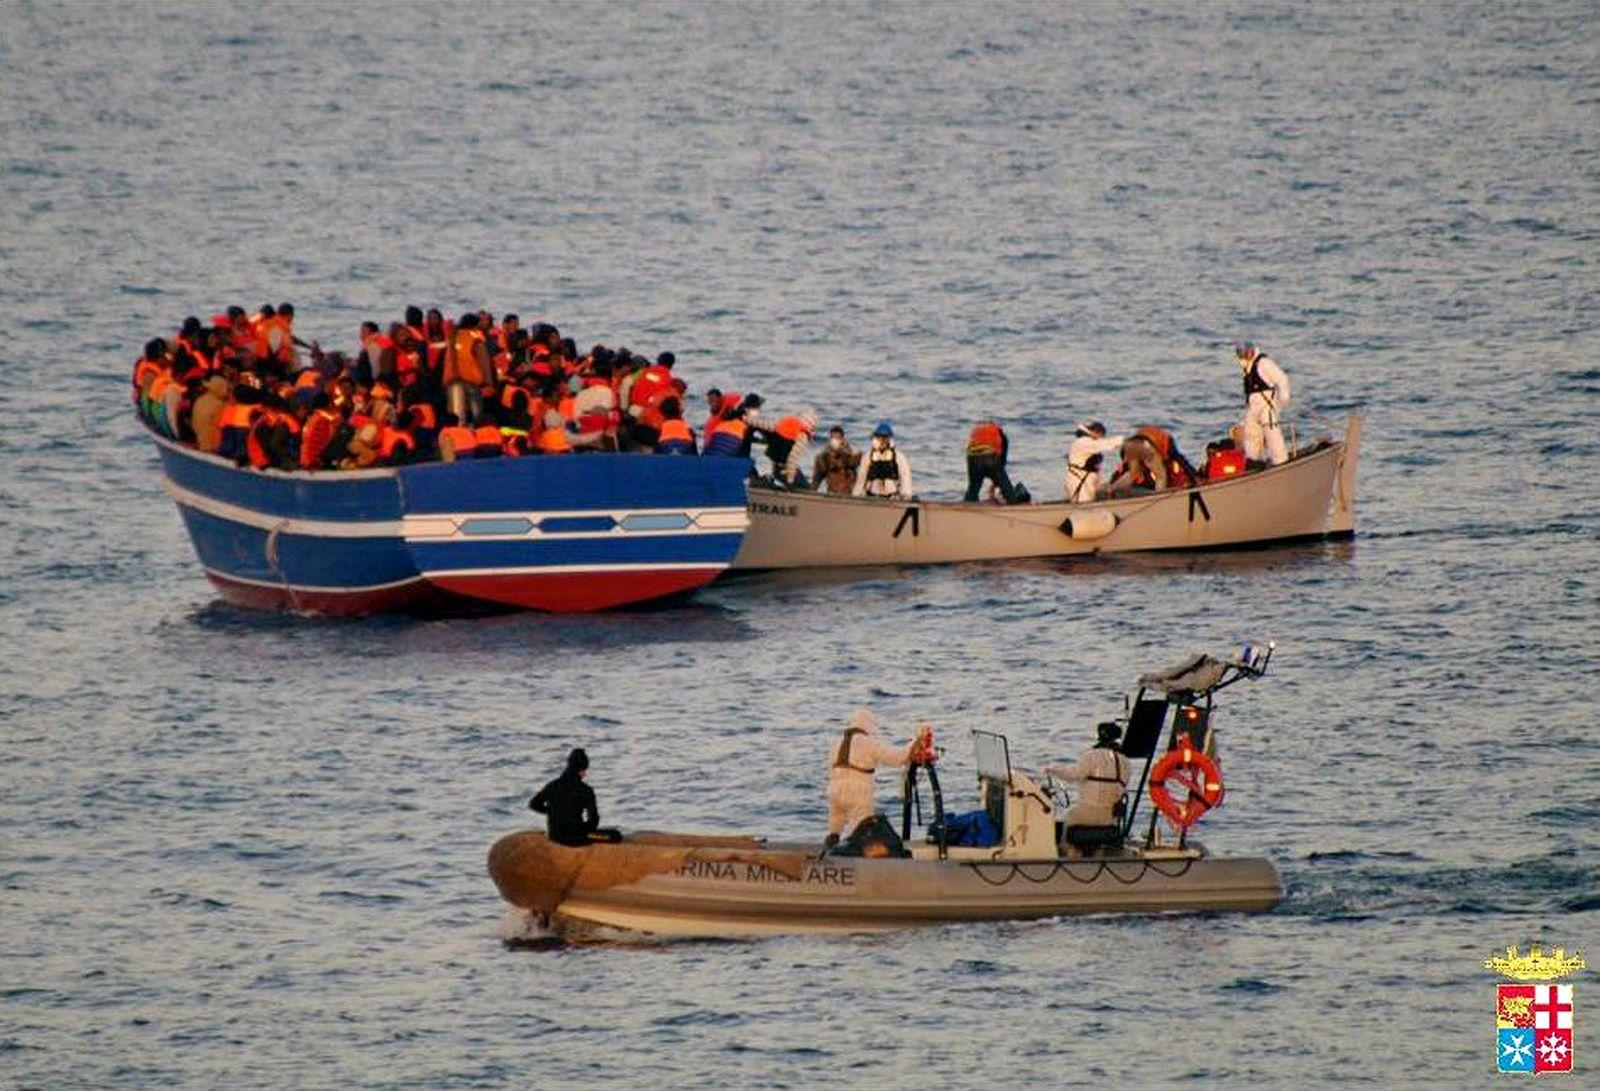 Flüchtlinge/ Mittelmeer/ EU